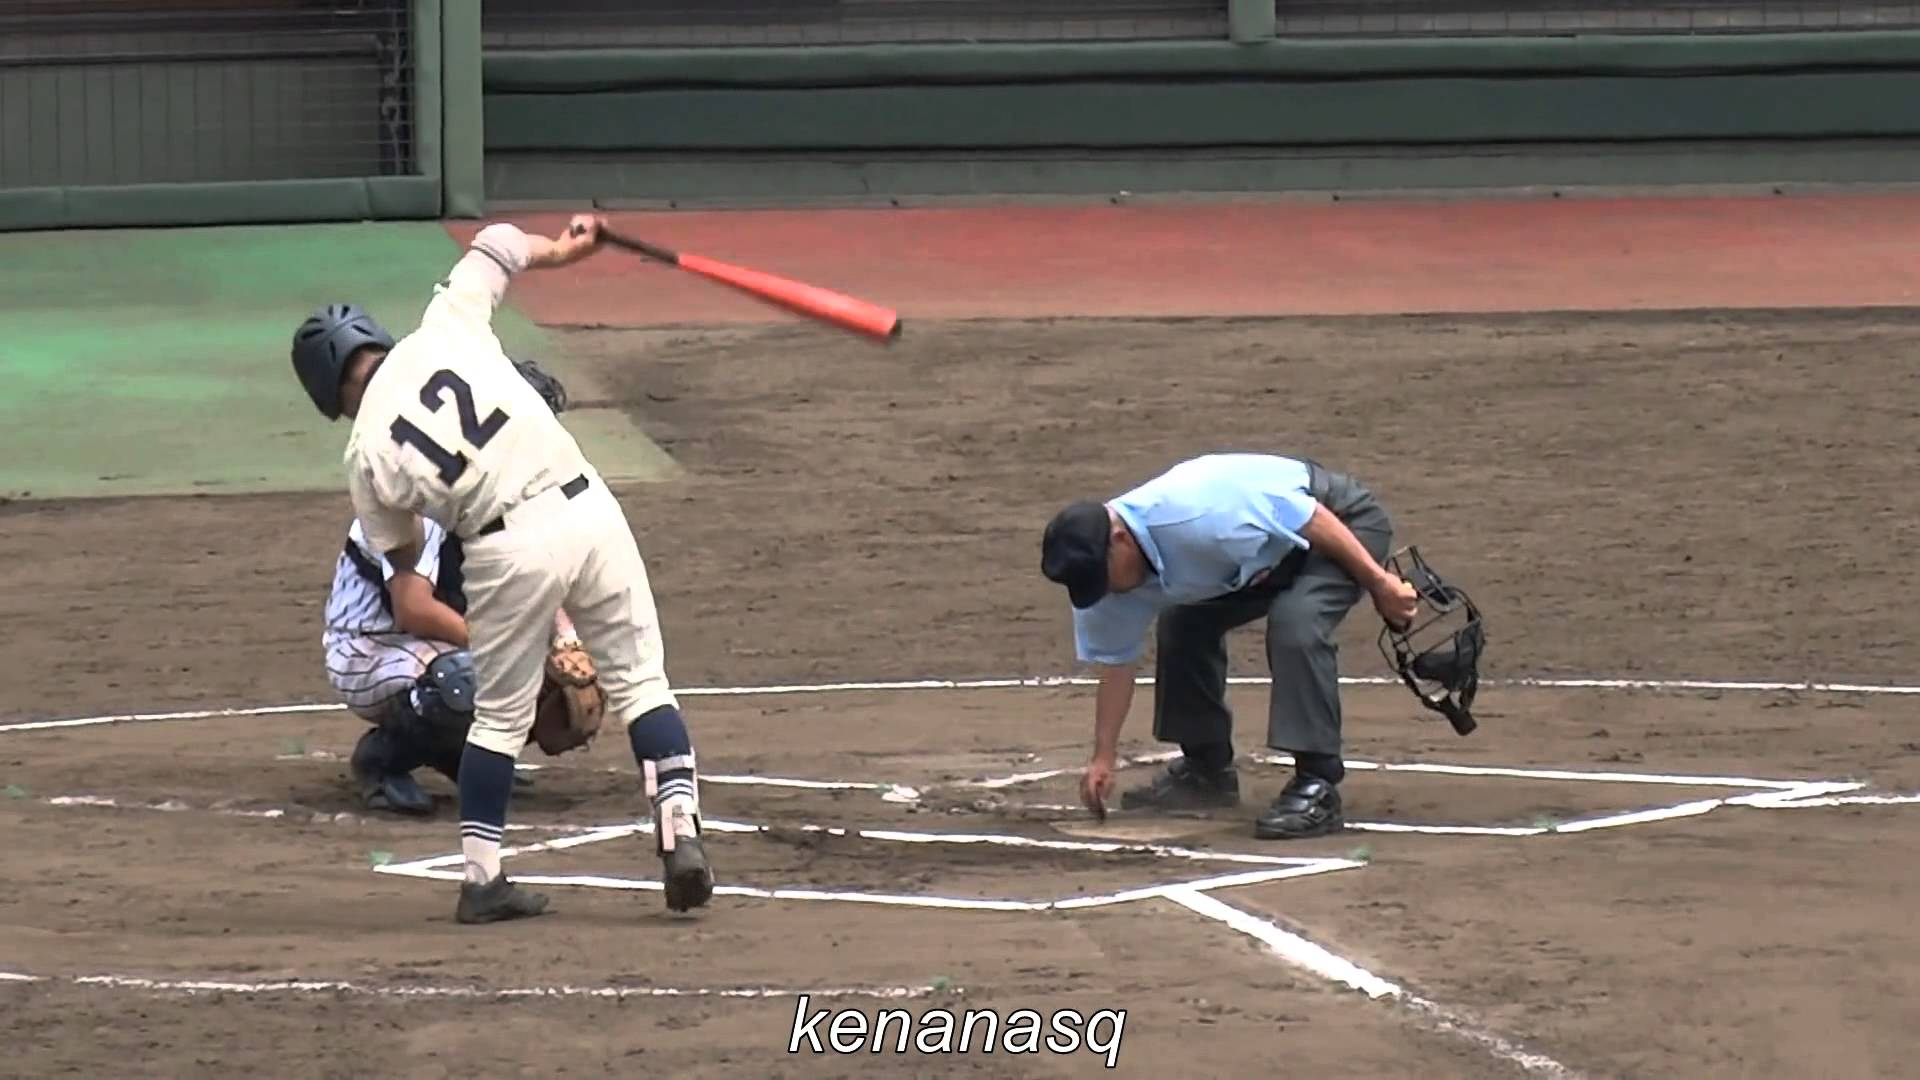 高校野球の馬場優治選手のバット捌きが面白いと話題